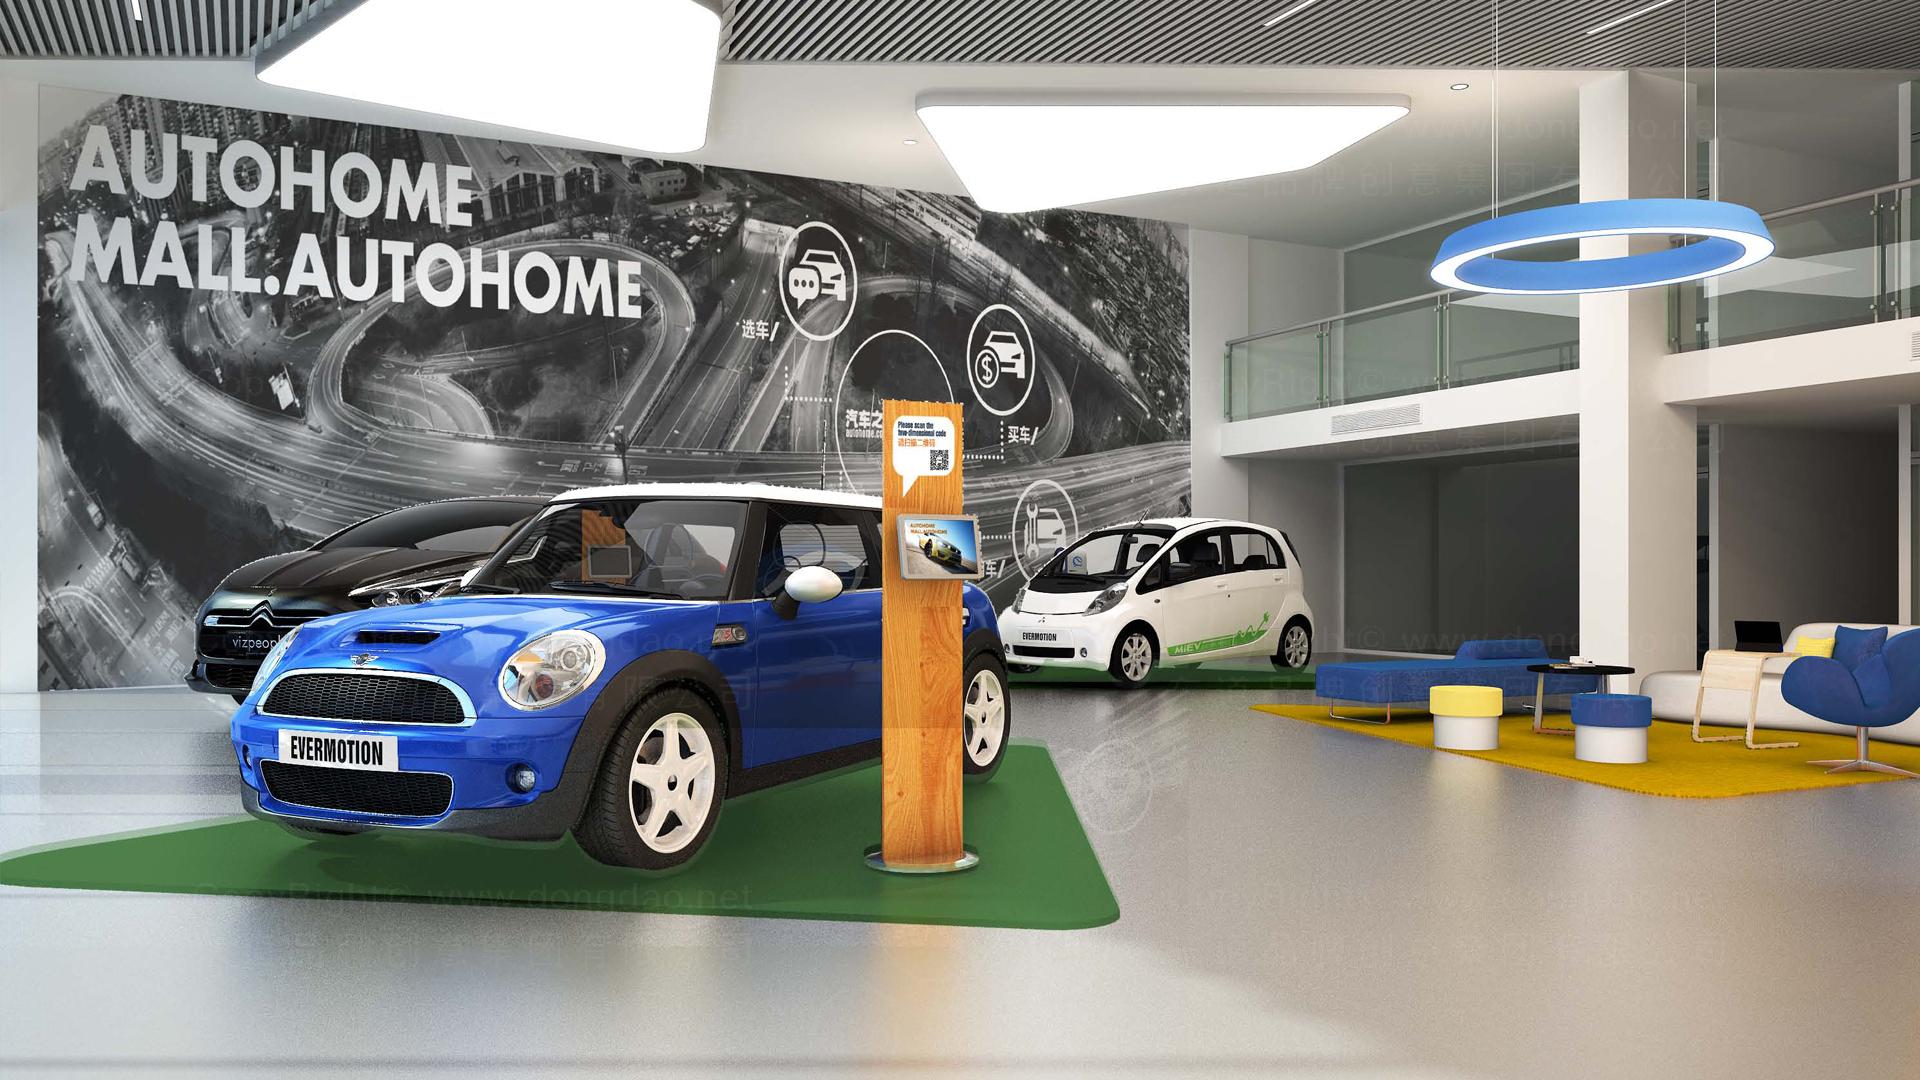 商业空间&导示汽车之家汽车之家 SI 设计应用